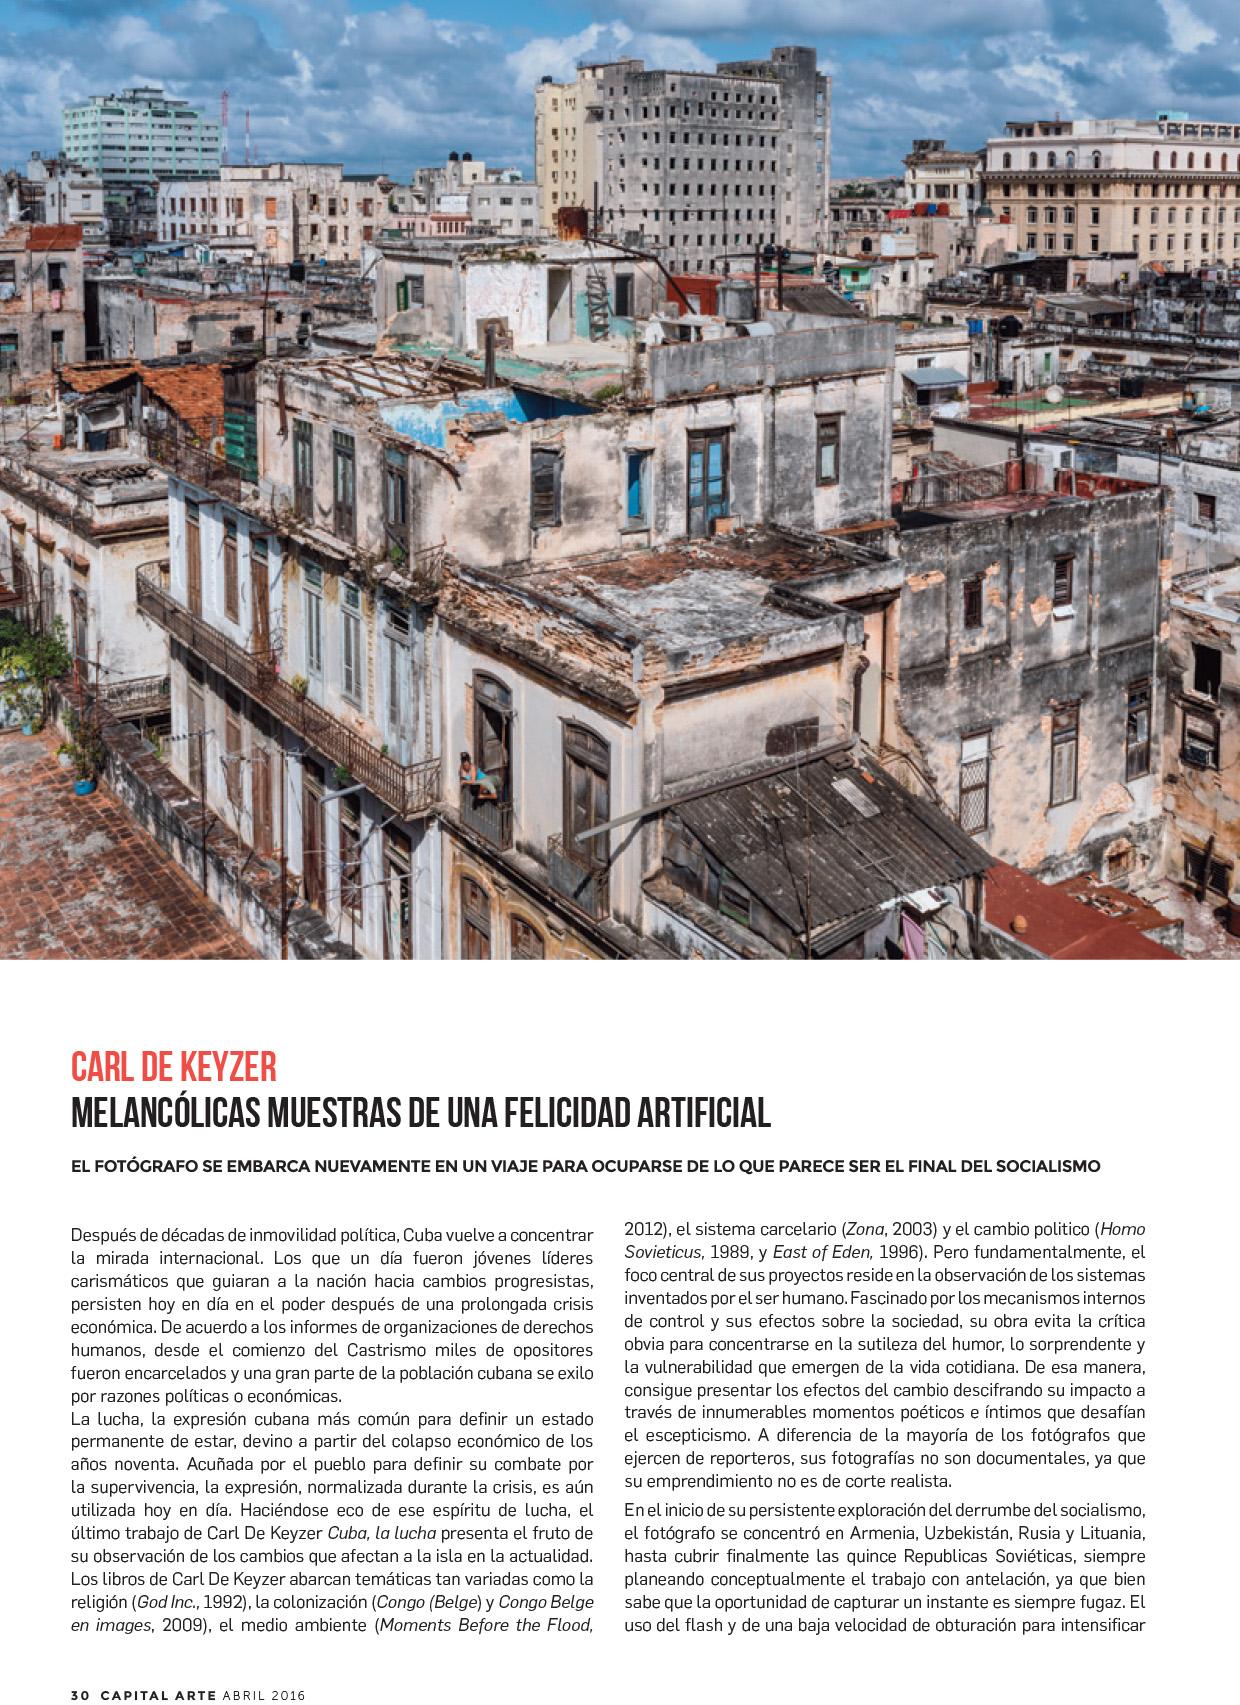 Cuba (Capital Arte)